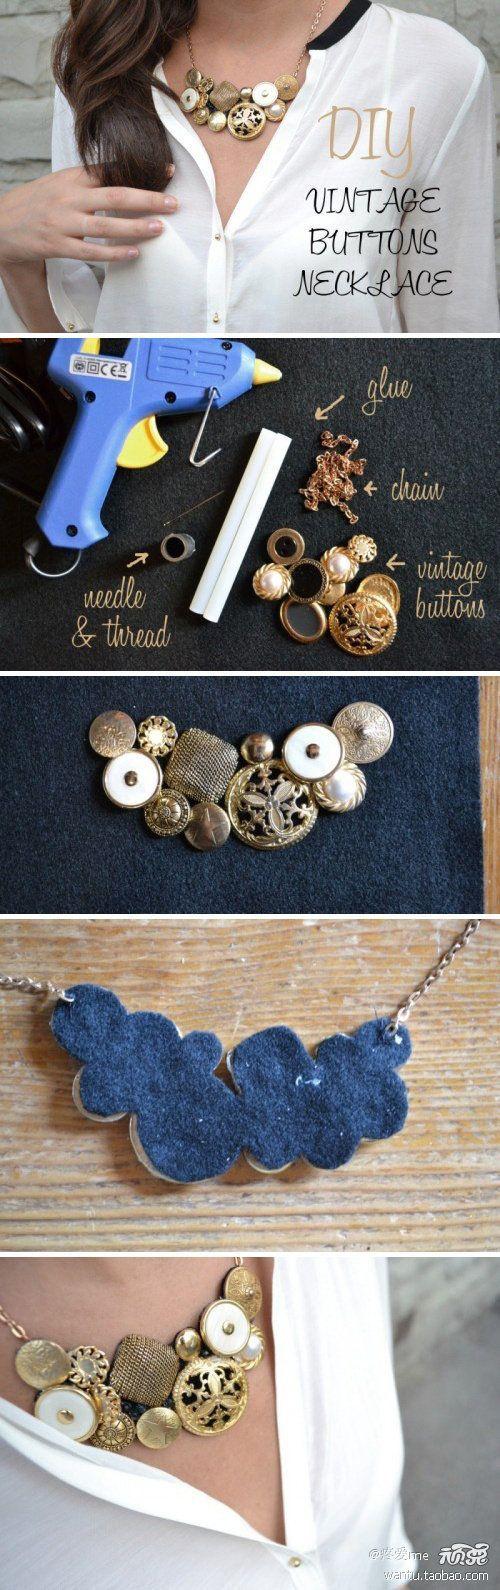 best 25+ diy accessories ideas on pinterest | make diy fashion